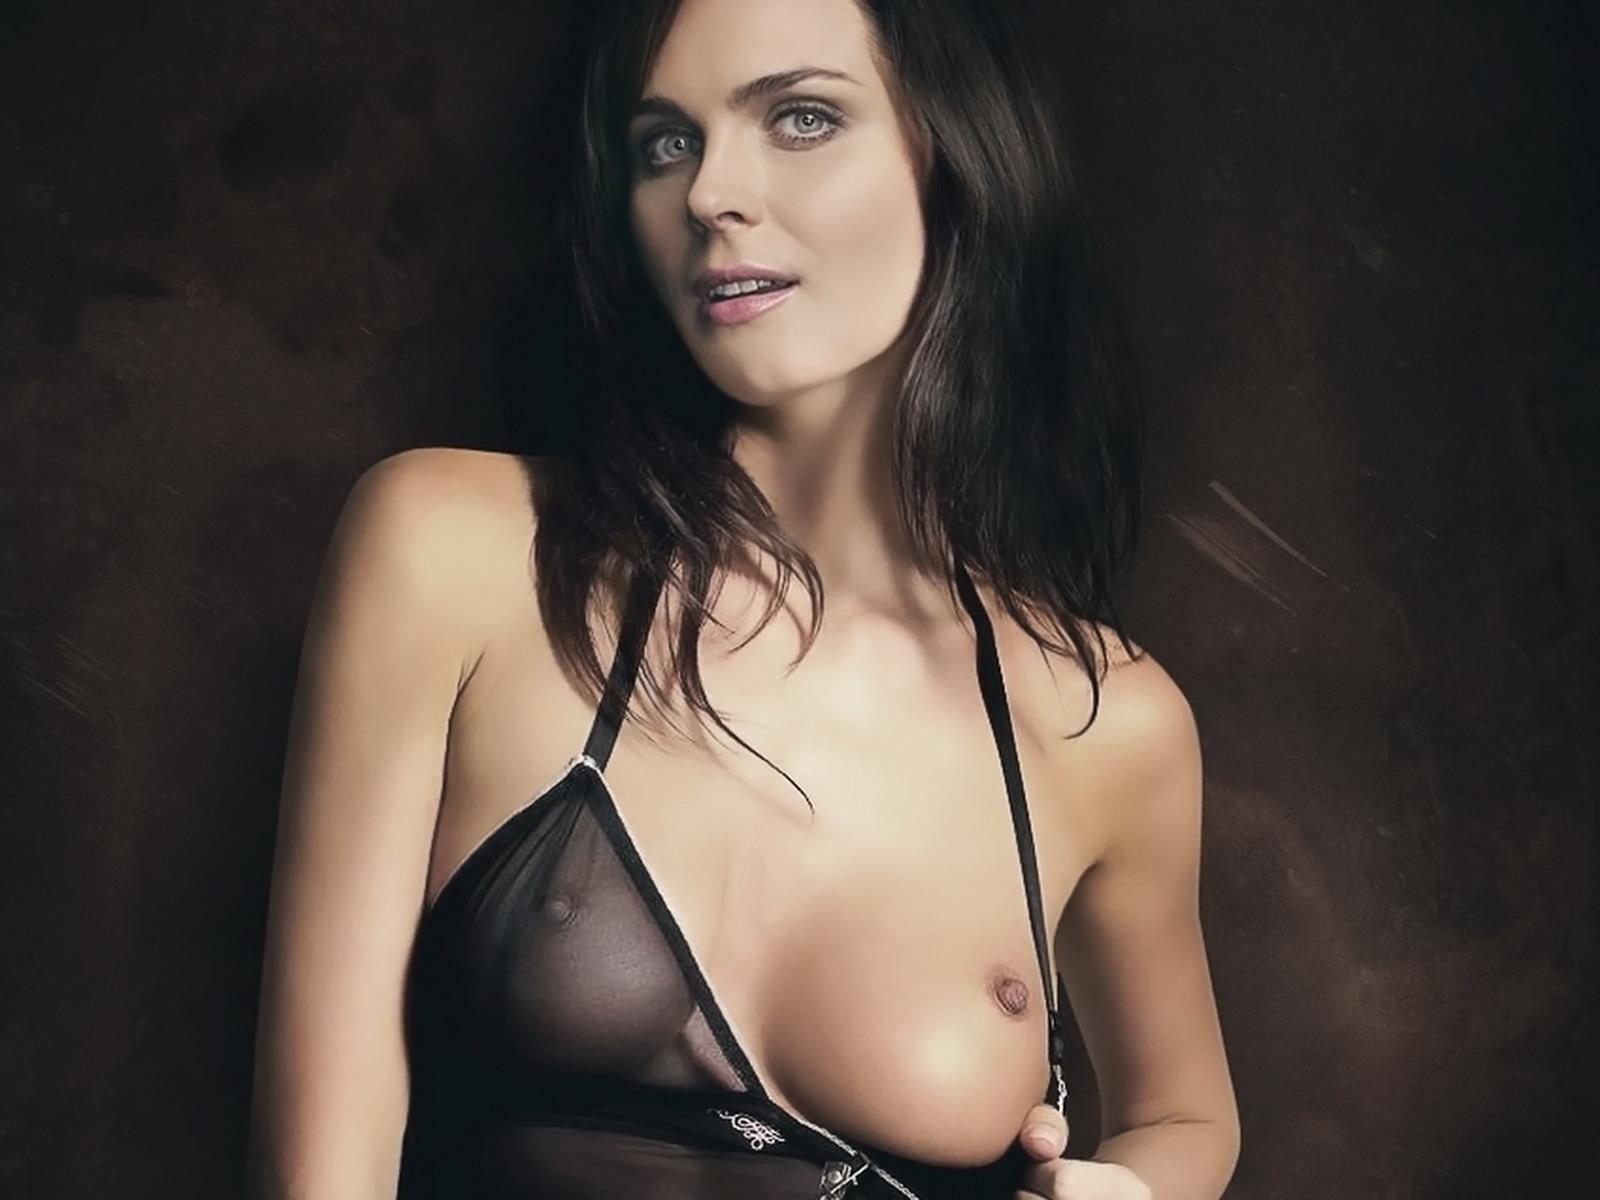 Anja kling fakes nude